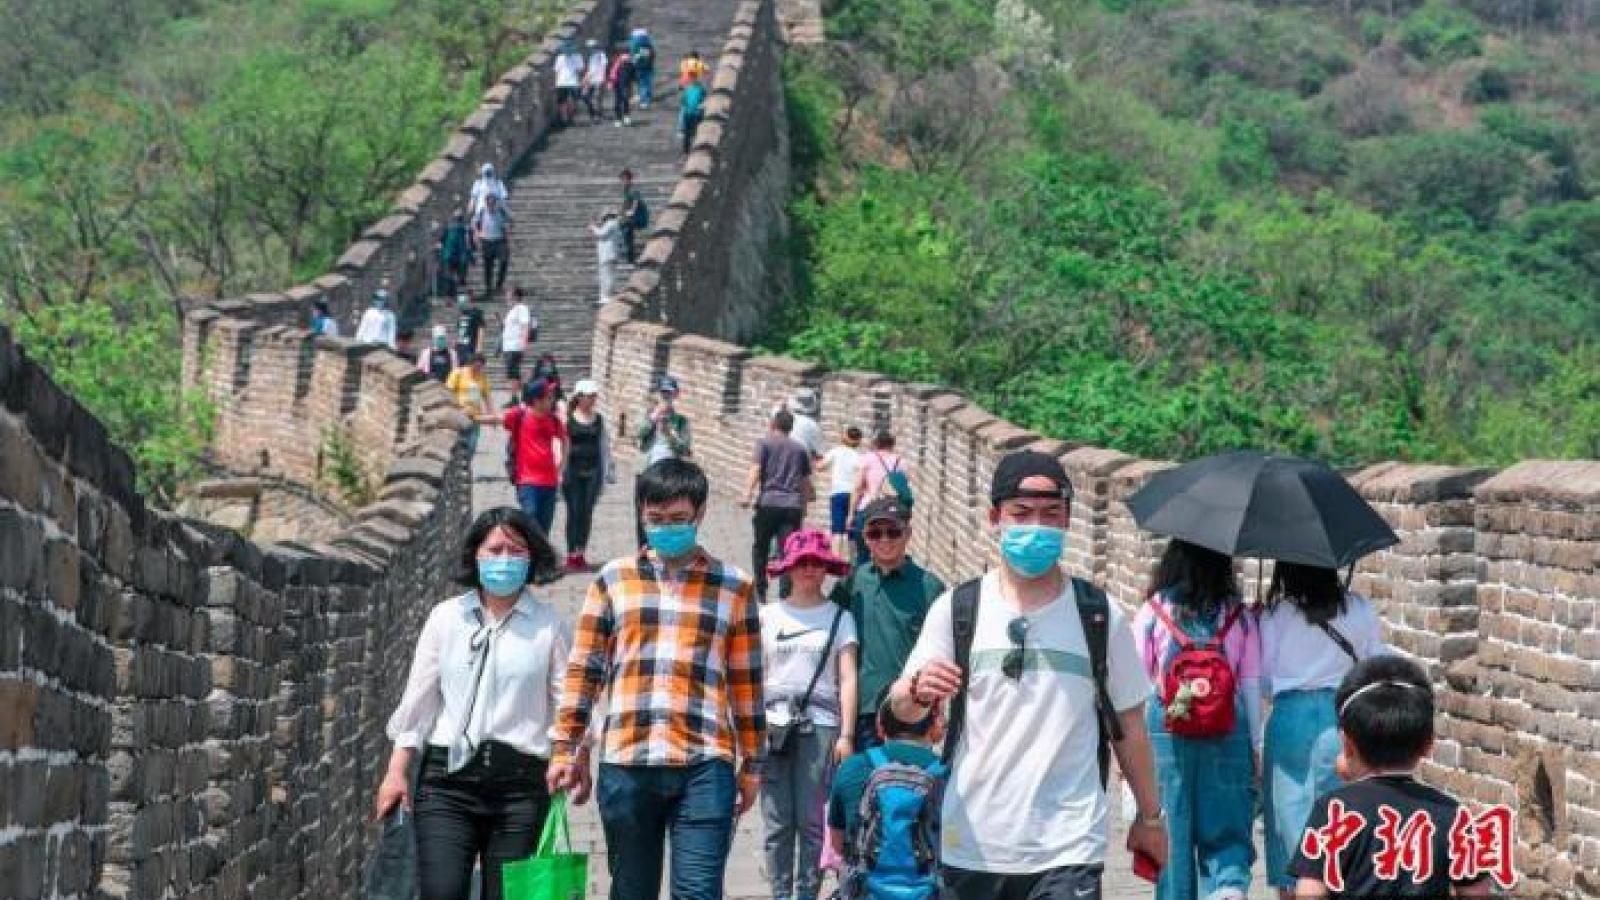 Trung Quốc: Tất cả các địa phương thuộc nhóm nguy cơ thấp với Covid-19